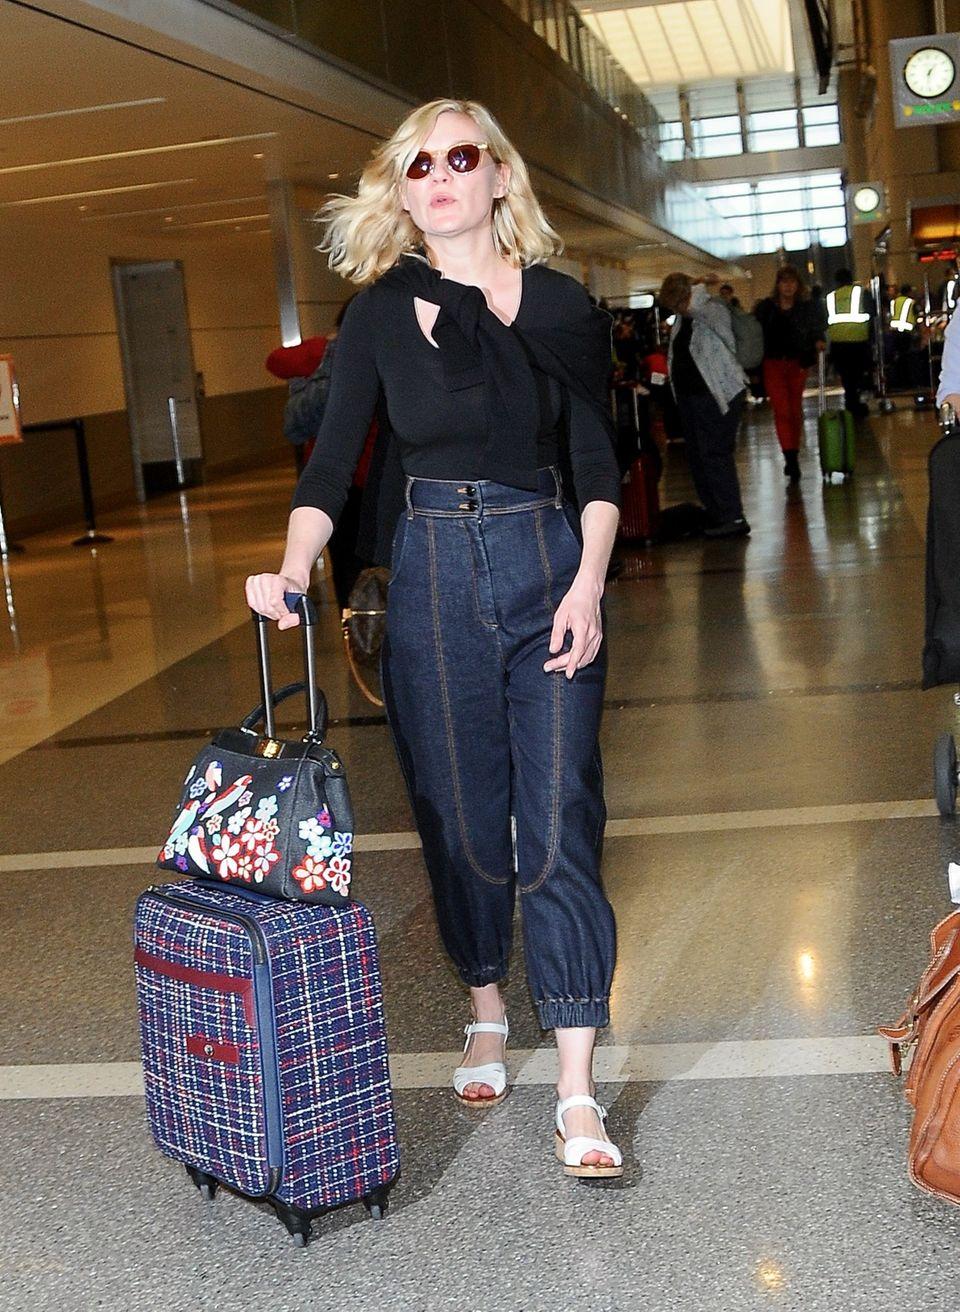 Frau von Welt: Reisetauglich aber trotzdem schick gekleidet, kommt Kirsten Dunst in Los Angeles an.